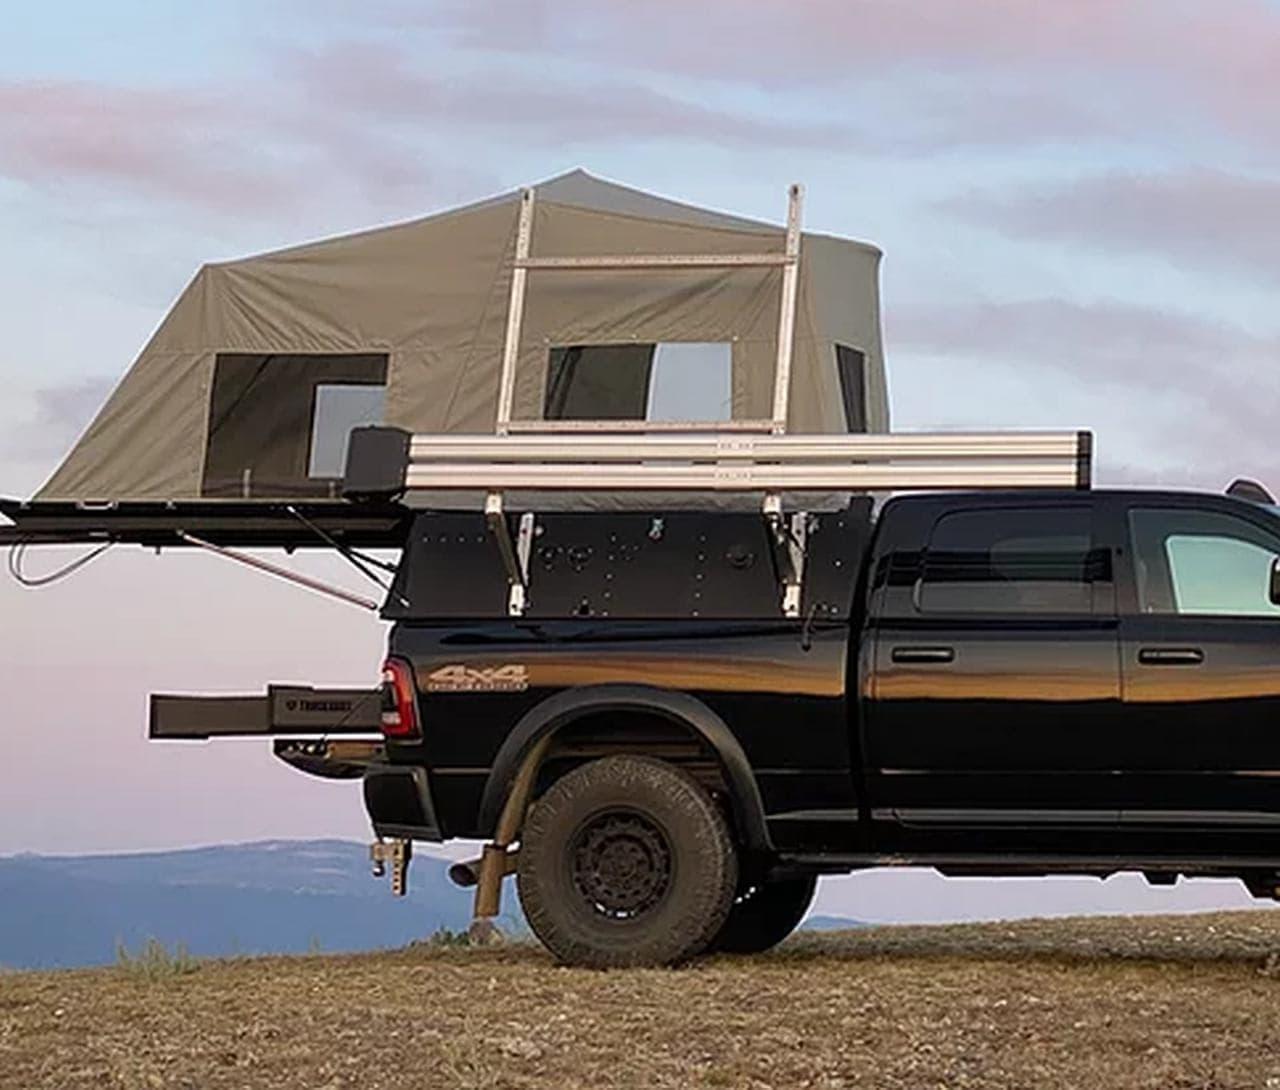 後ろに開いて居住空間を拡大 トヨタ「タコマ」などをキャンピングカーにするSKINNY GUY CAMPERS